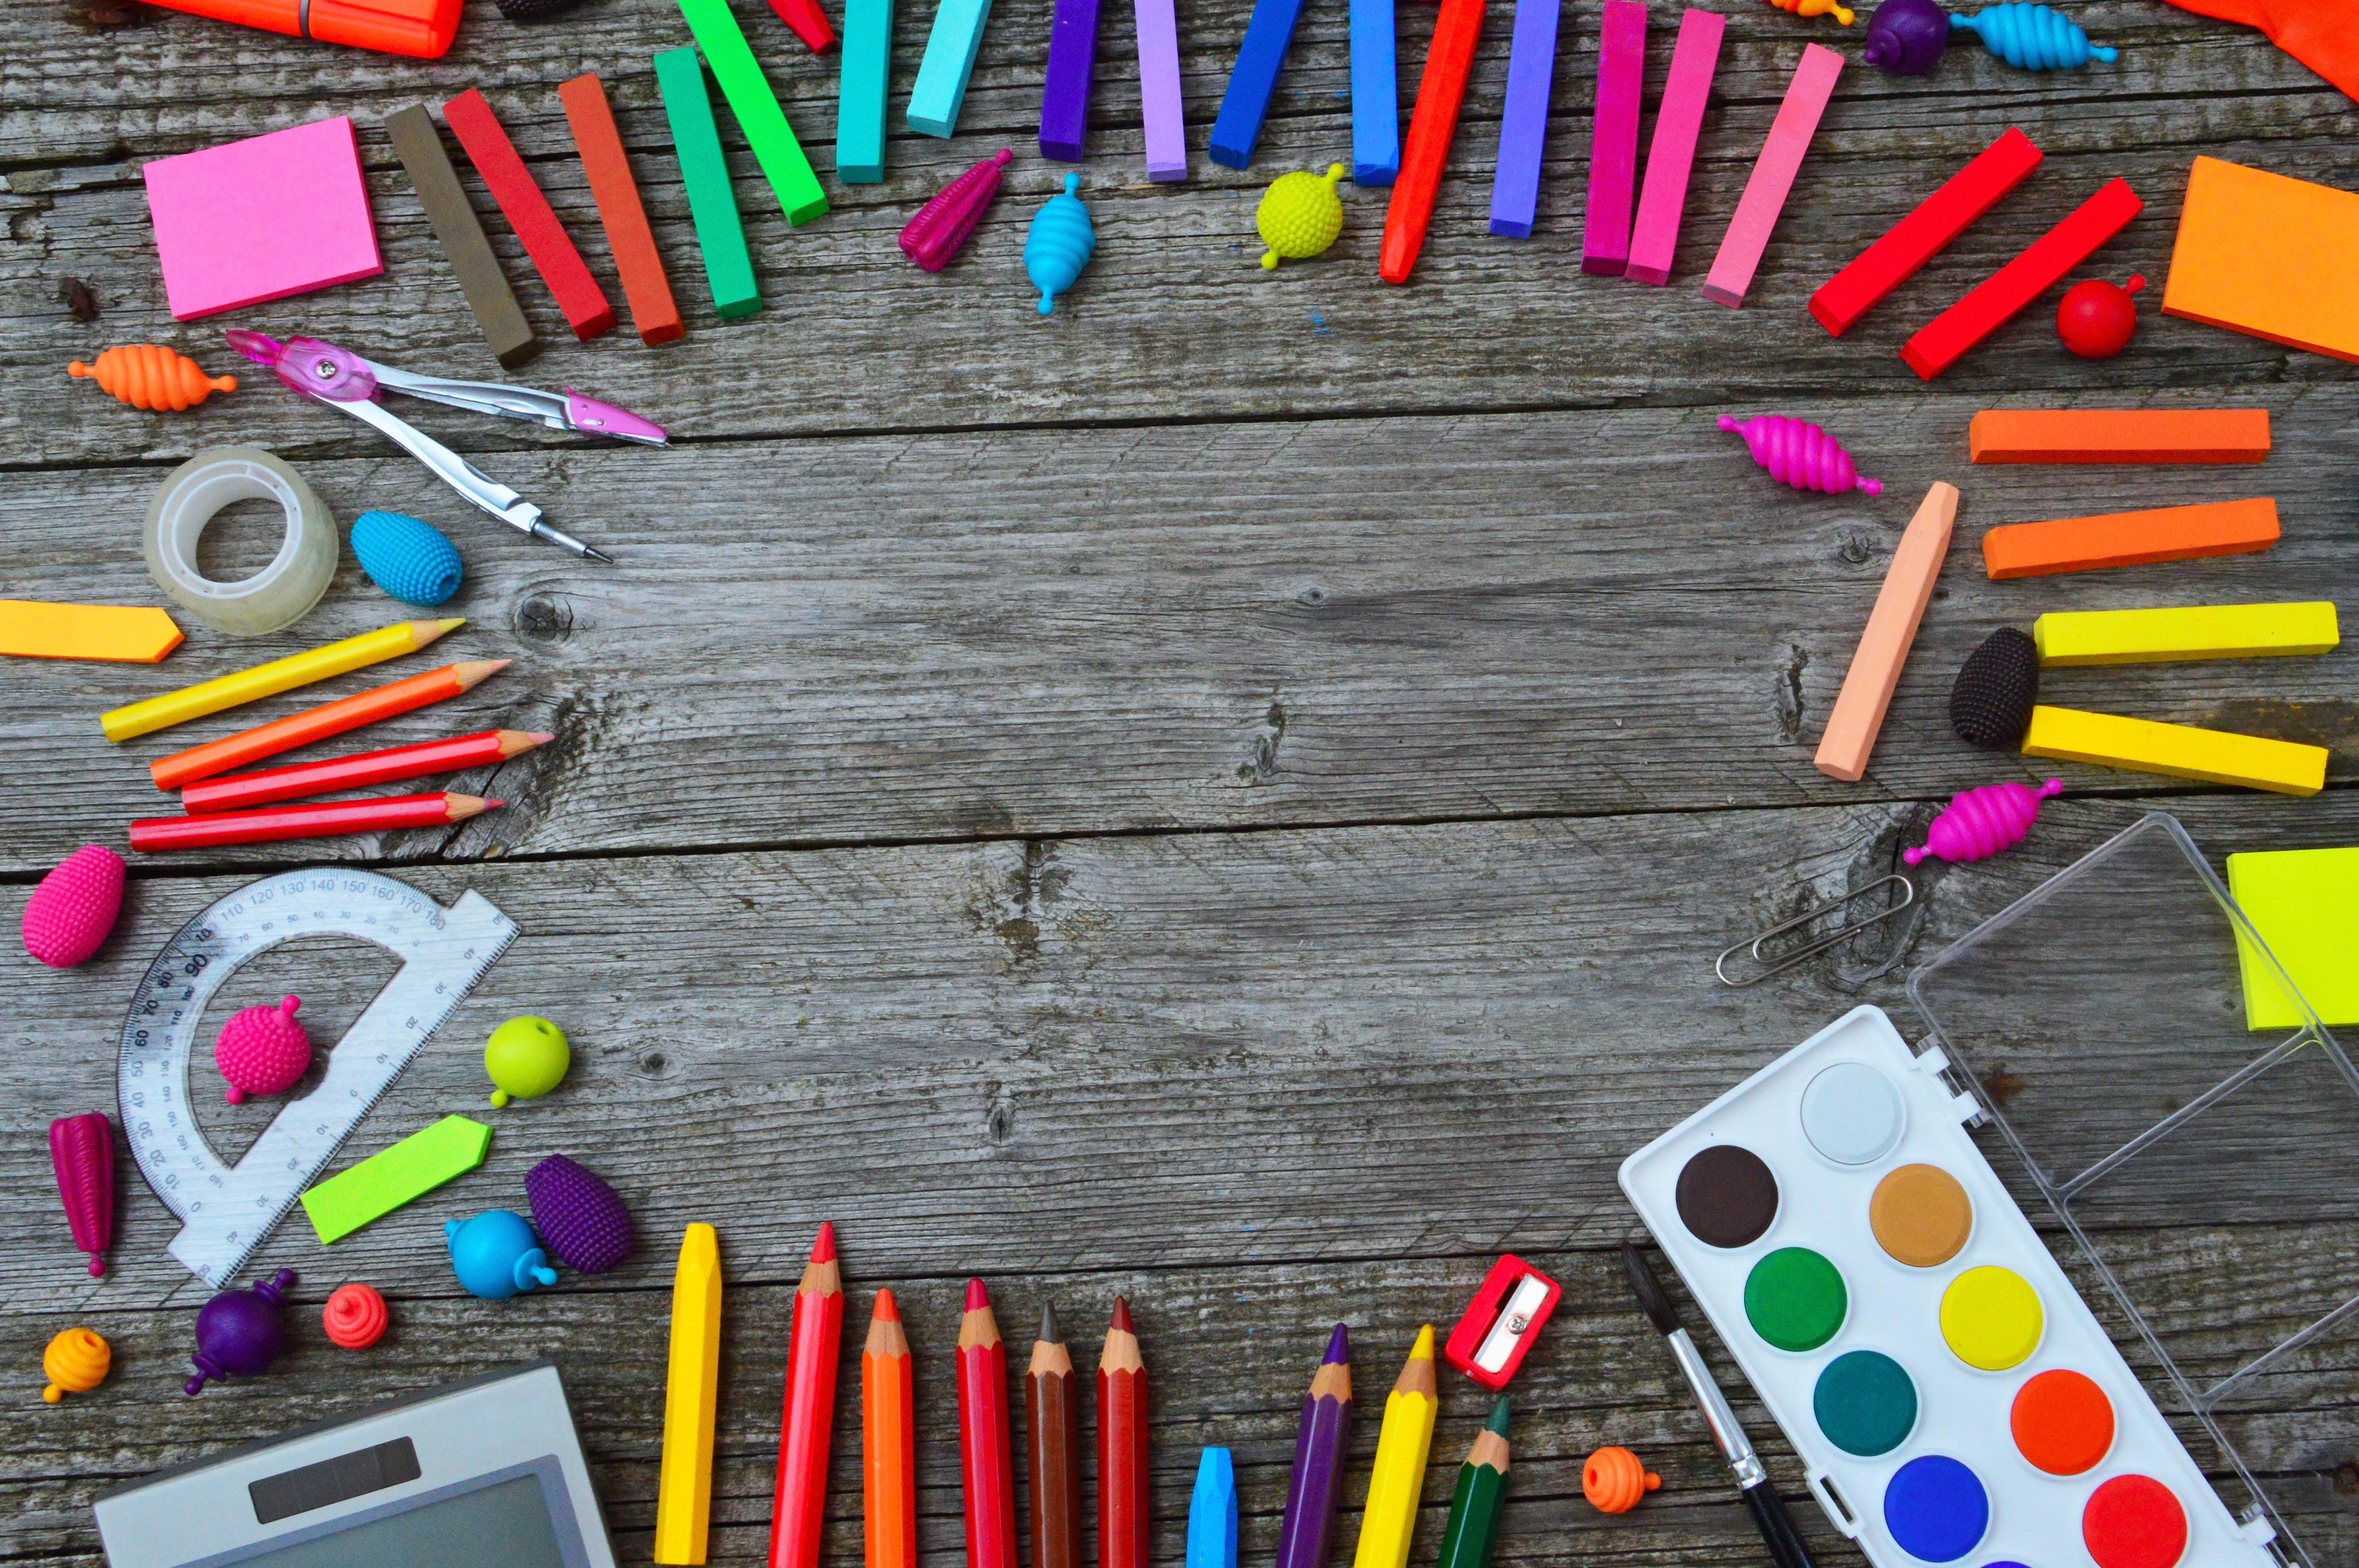 enfant-ecole-accessoires-articles-scolaires-fournitures.jpg